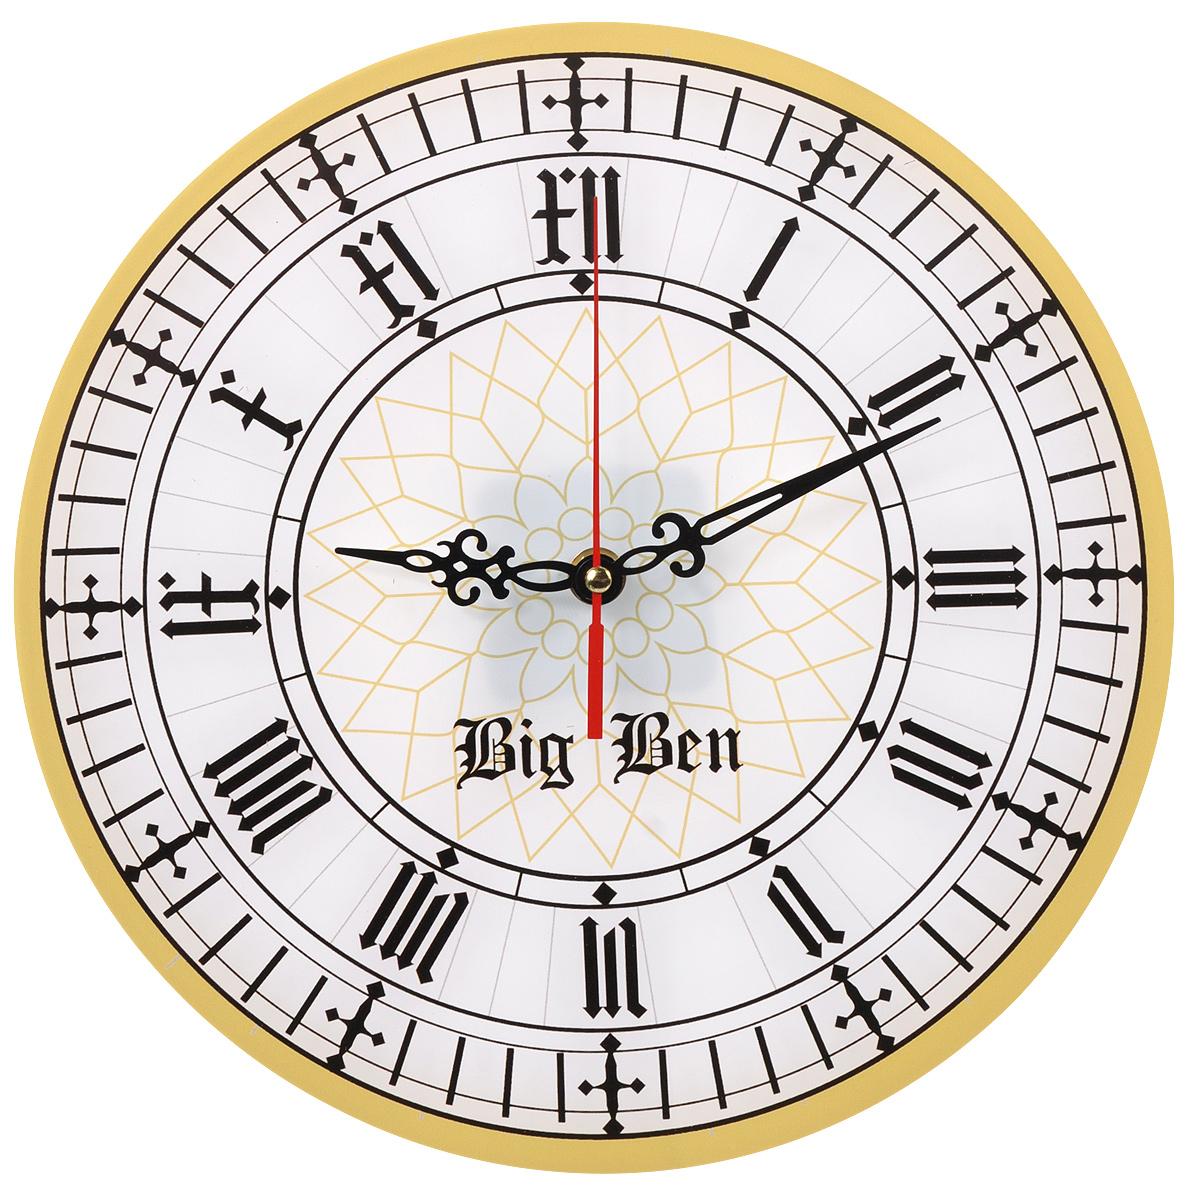 Часы настенные Big Ben, стеклянные. 9601296012Оригинальные настенные часы Big Ben круглой формы выполнены из стекла и оформлены орнаментом. Часы имеют три стрелки - часовую, минутную и секундную. Циферблат часов не защищен. Необычное дизайнерское решение и качество исполнения придутся по вкусу каждому. Оформите совой дом таким интерьерным аксессуаром или преподнесите его в качестве презента друзьям, и они оценят ваш оригинальный вкус и неординарность подарка.